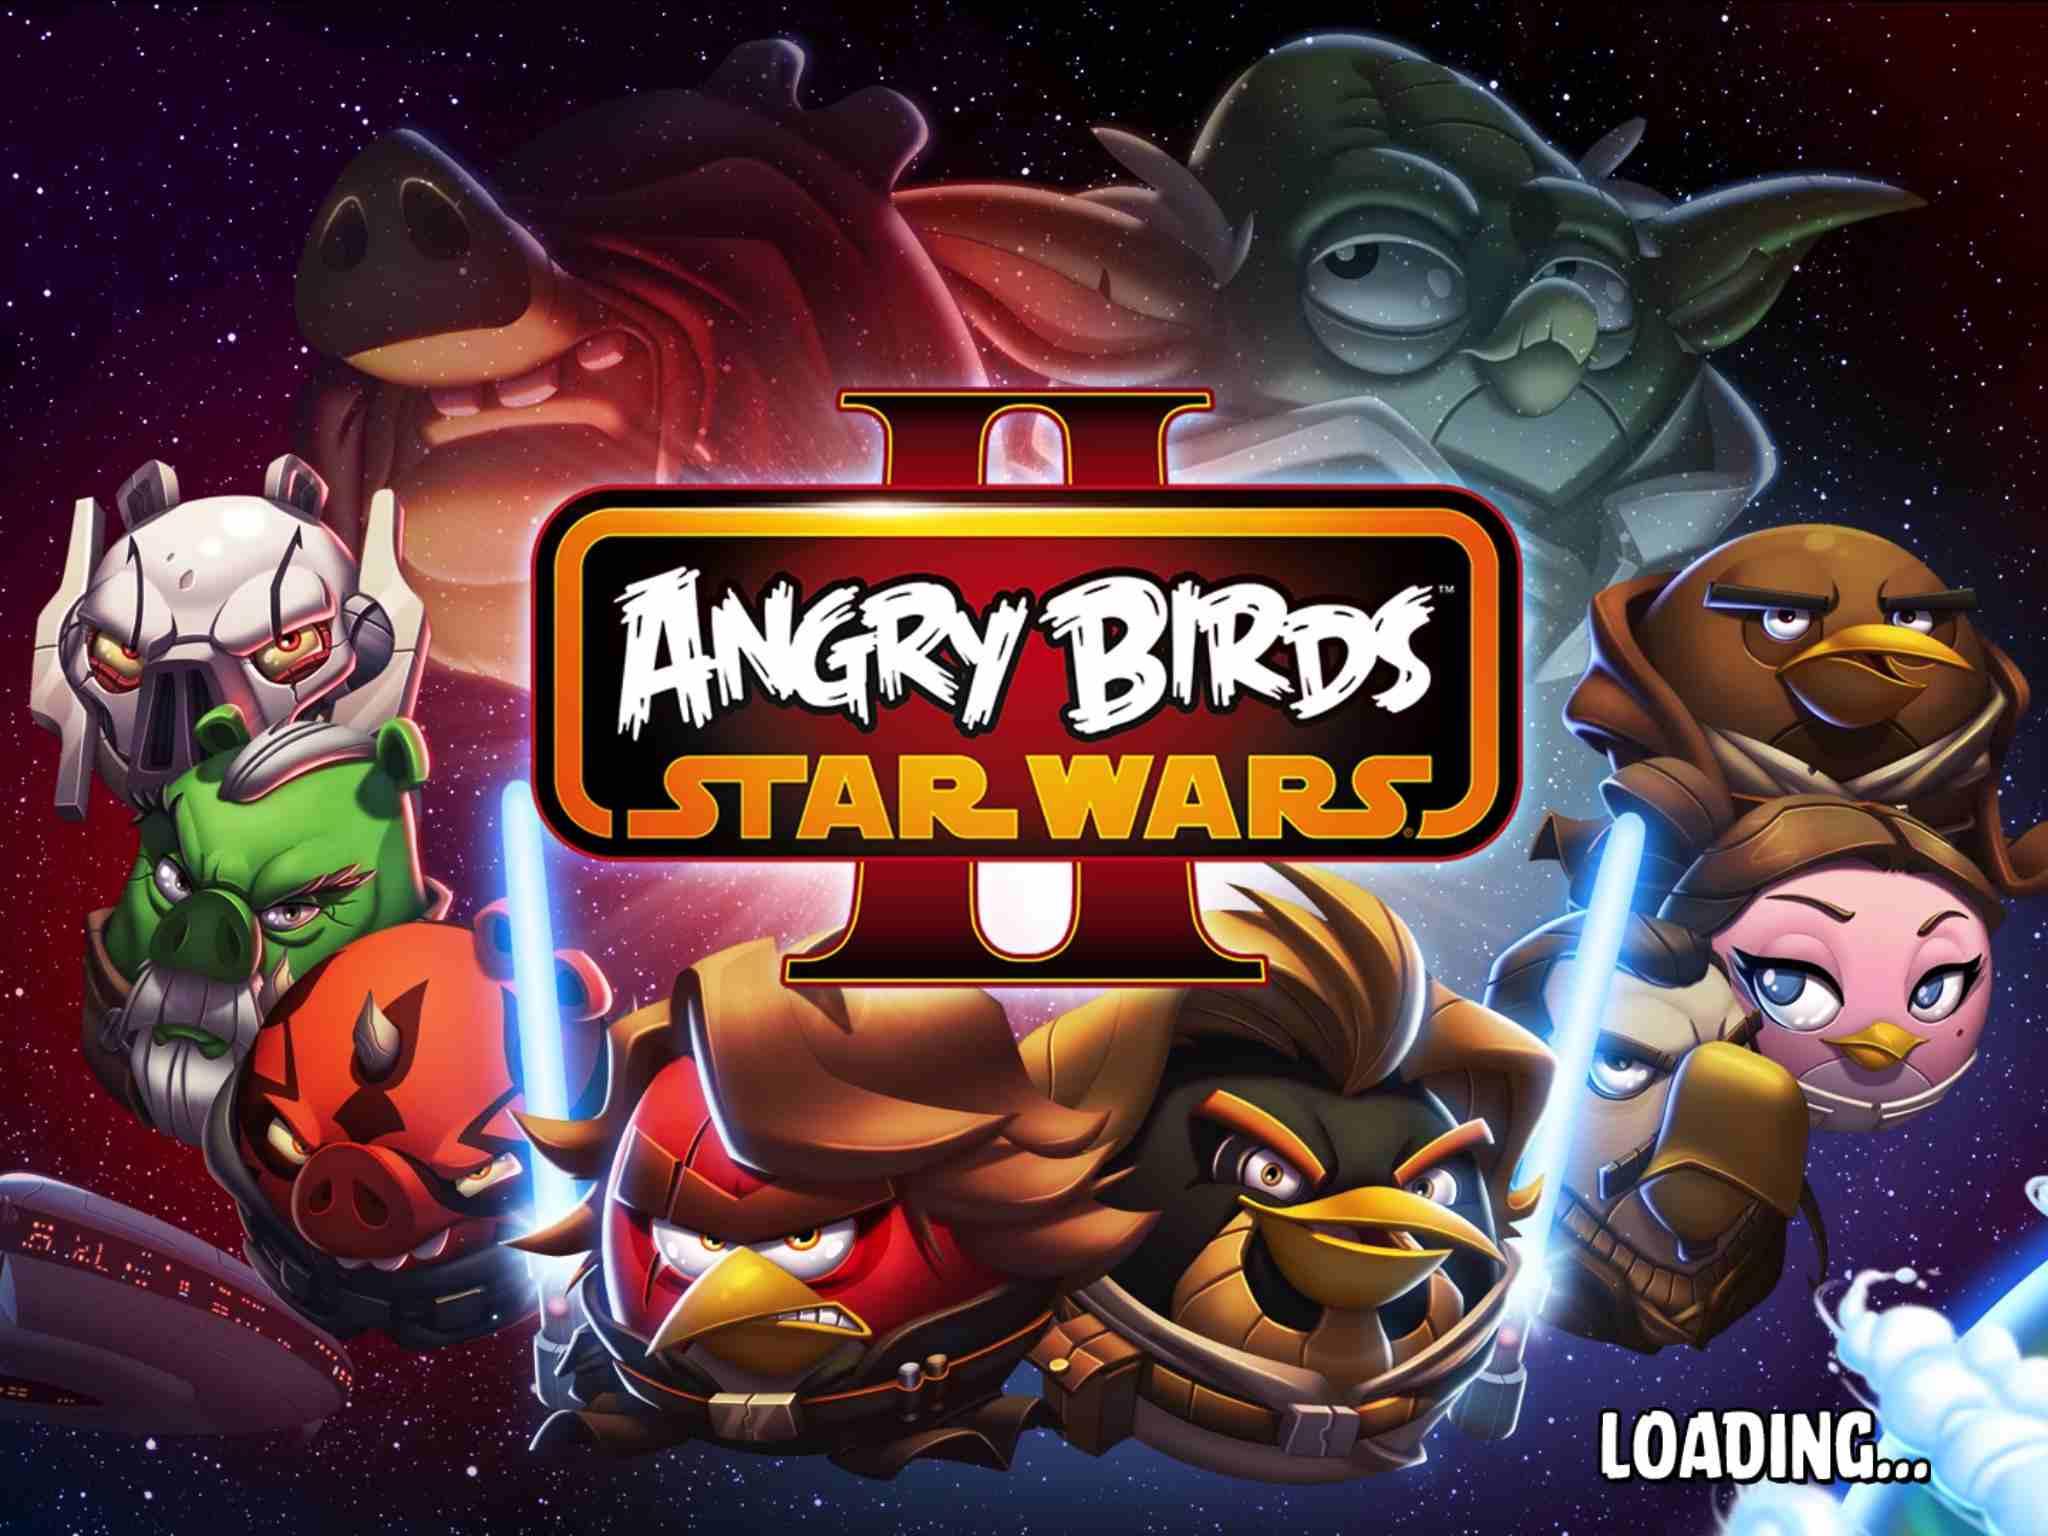 Angry Birds: Star Wars II on iPad